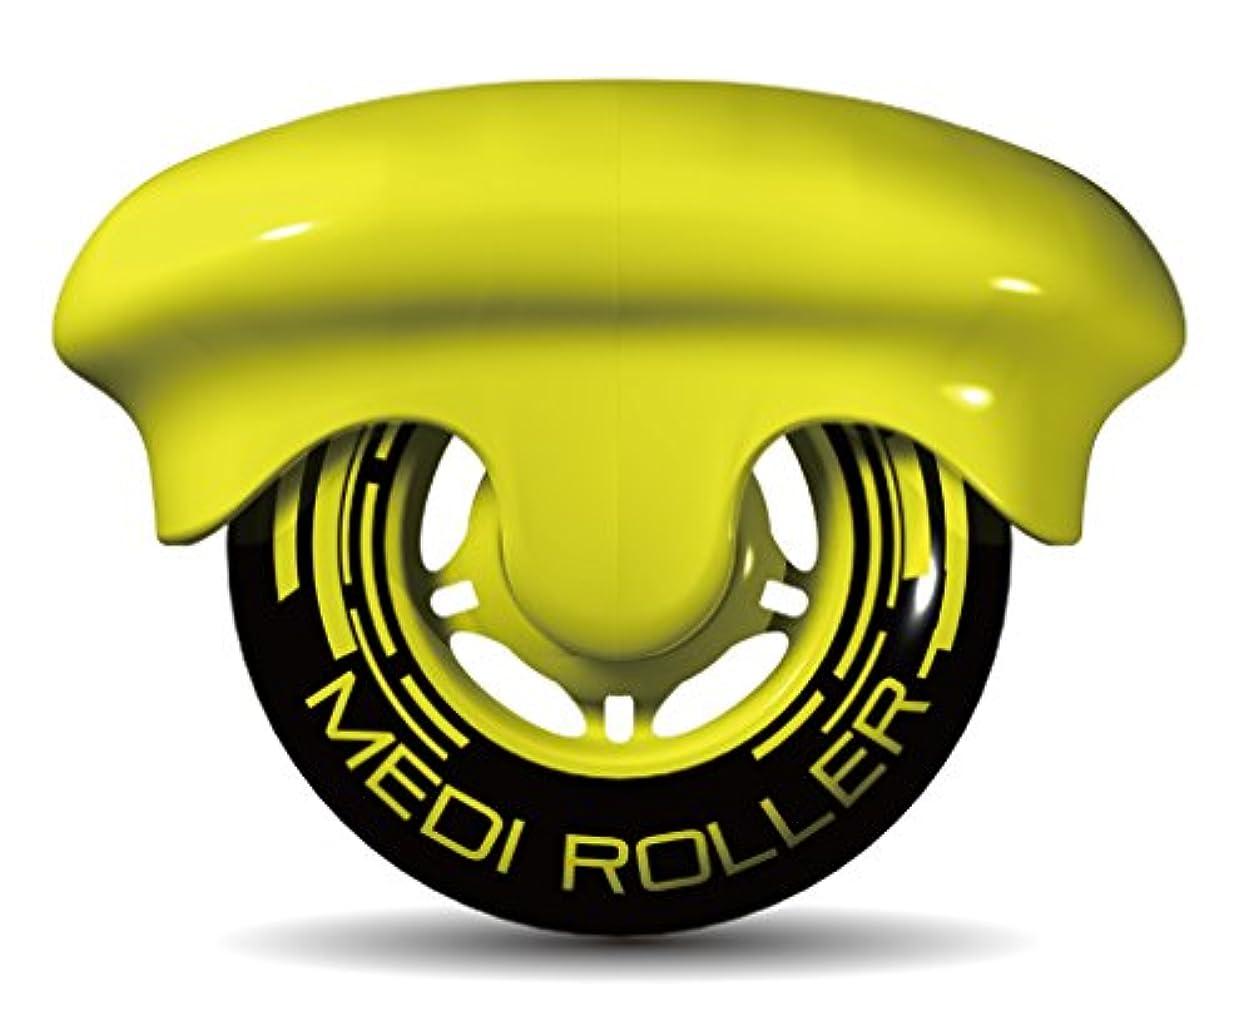 ランドリー薬を飲む採用するMEDI ROLLER (メディローラー) 巾着付き 筋肉のコリを点で押すセルフローラー (イエロー)